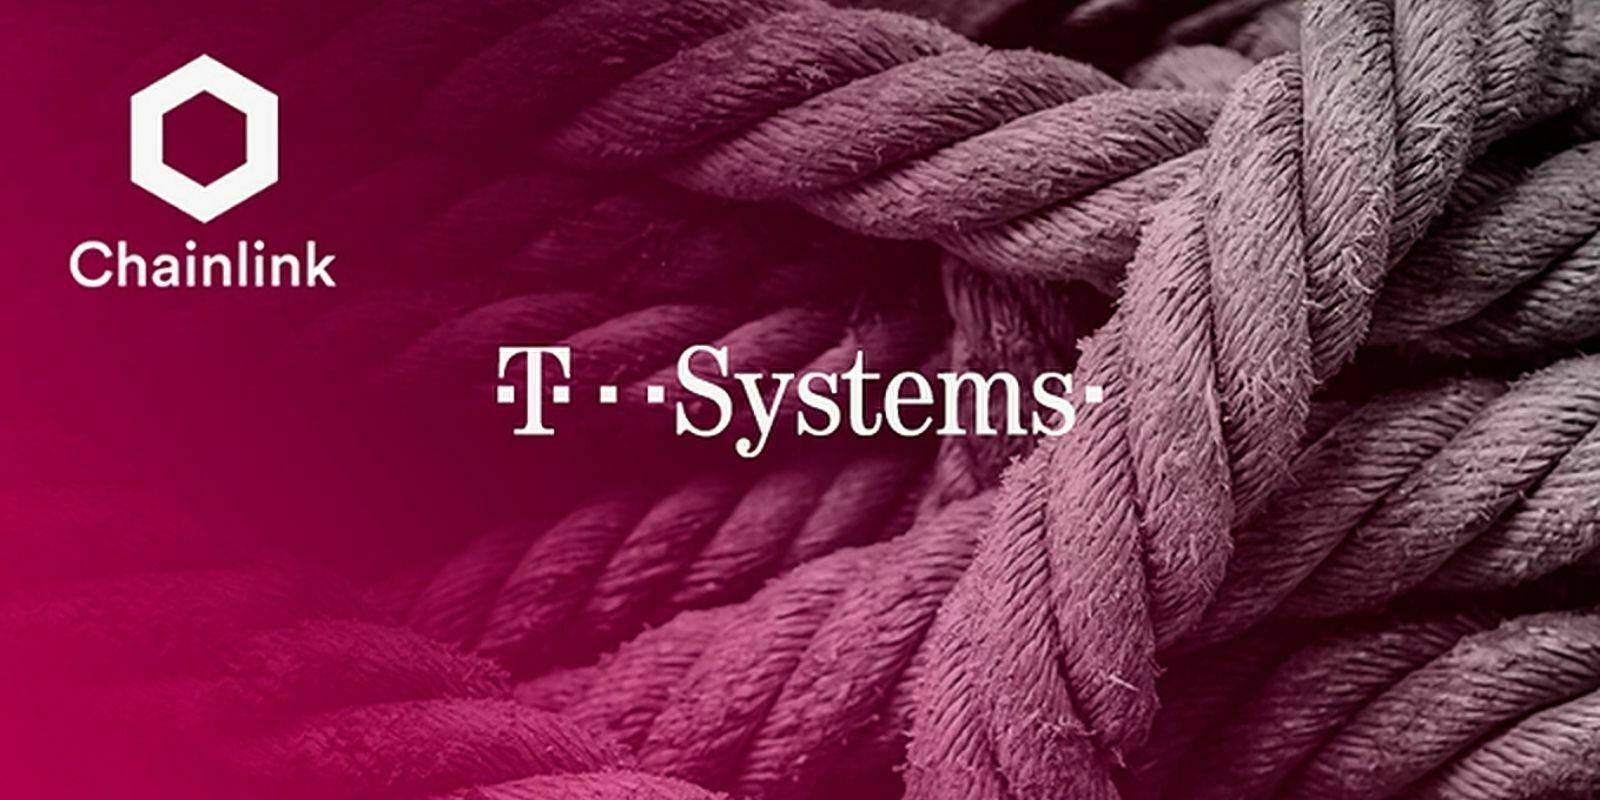 Une filiale de Deutsche Telekom exploite désormais un nœud de Chainlink